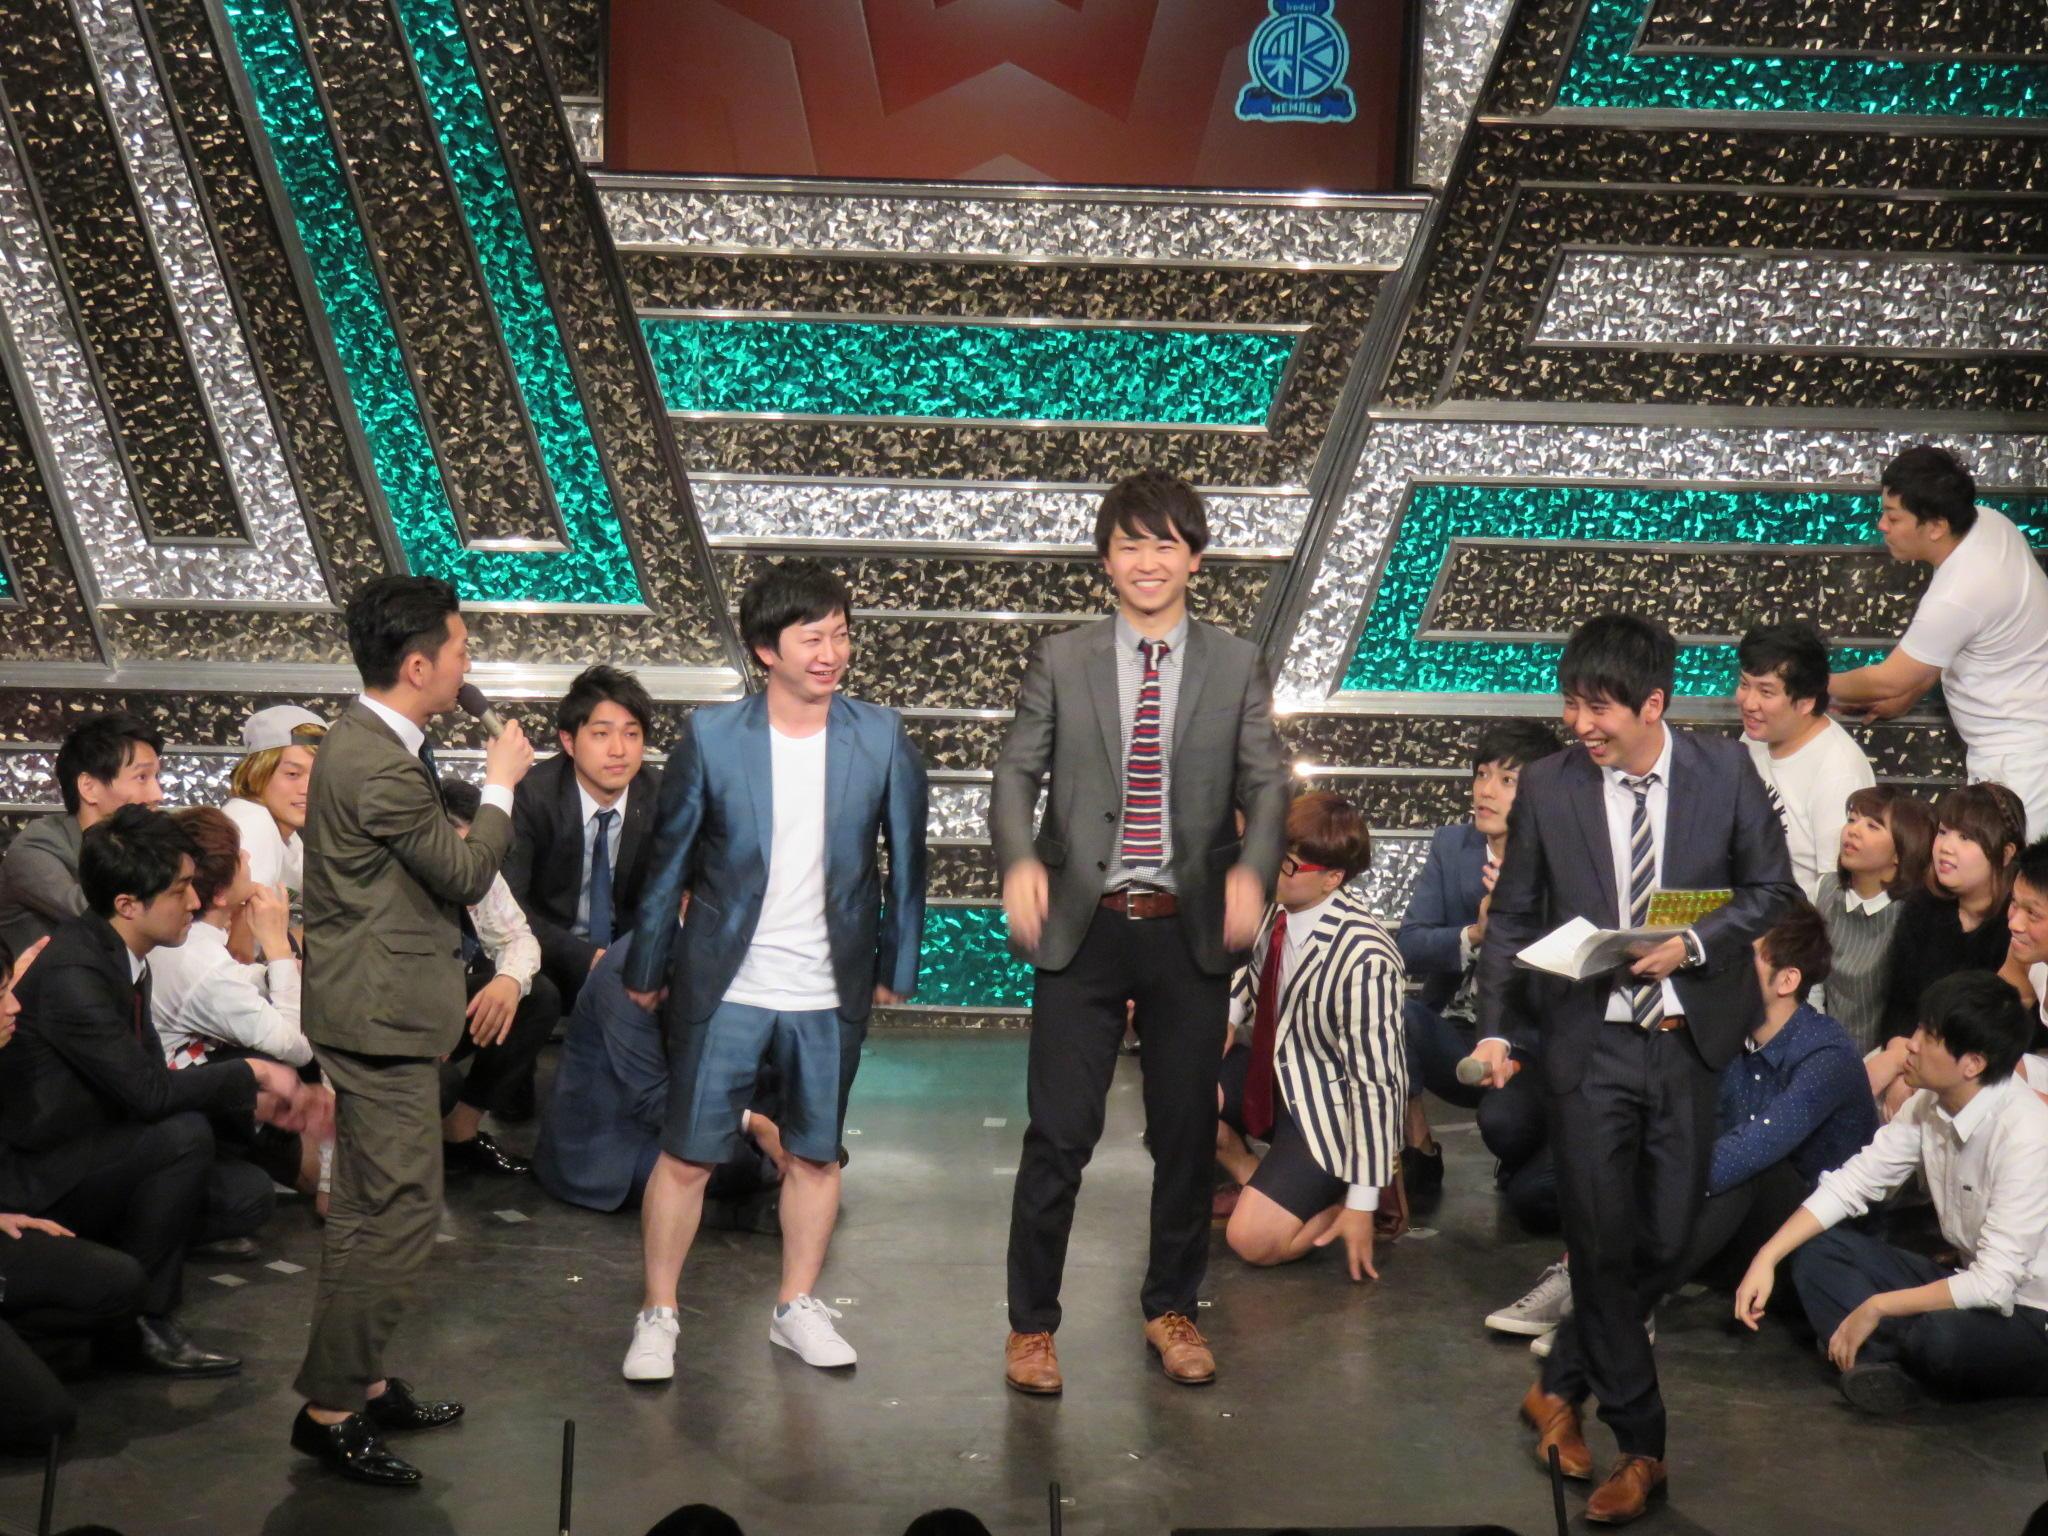 http://news.yoshimoto.co.jp/20151130225151-b530e0203c4c9a4b72d26197bb43cc44740a2703.jpg